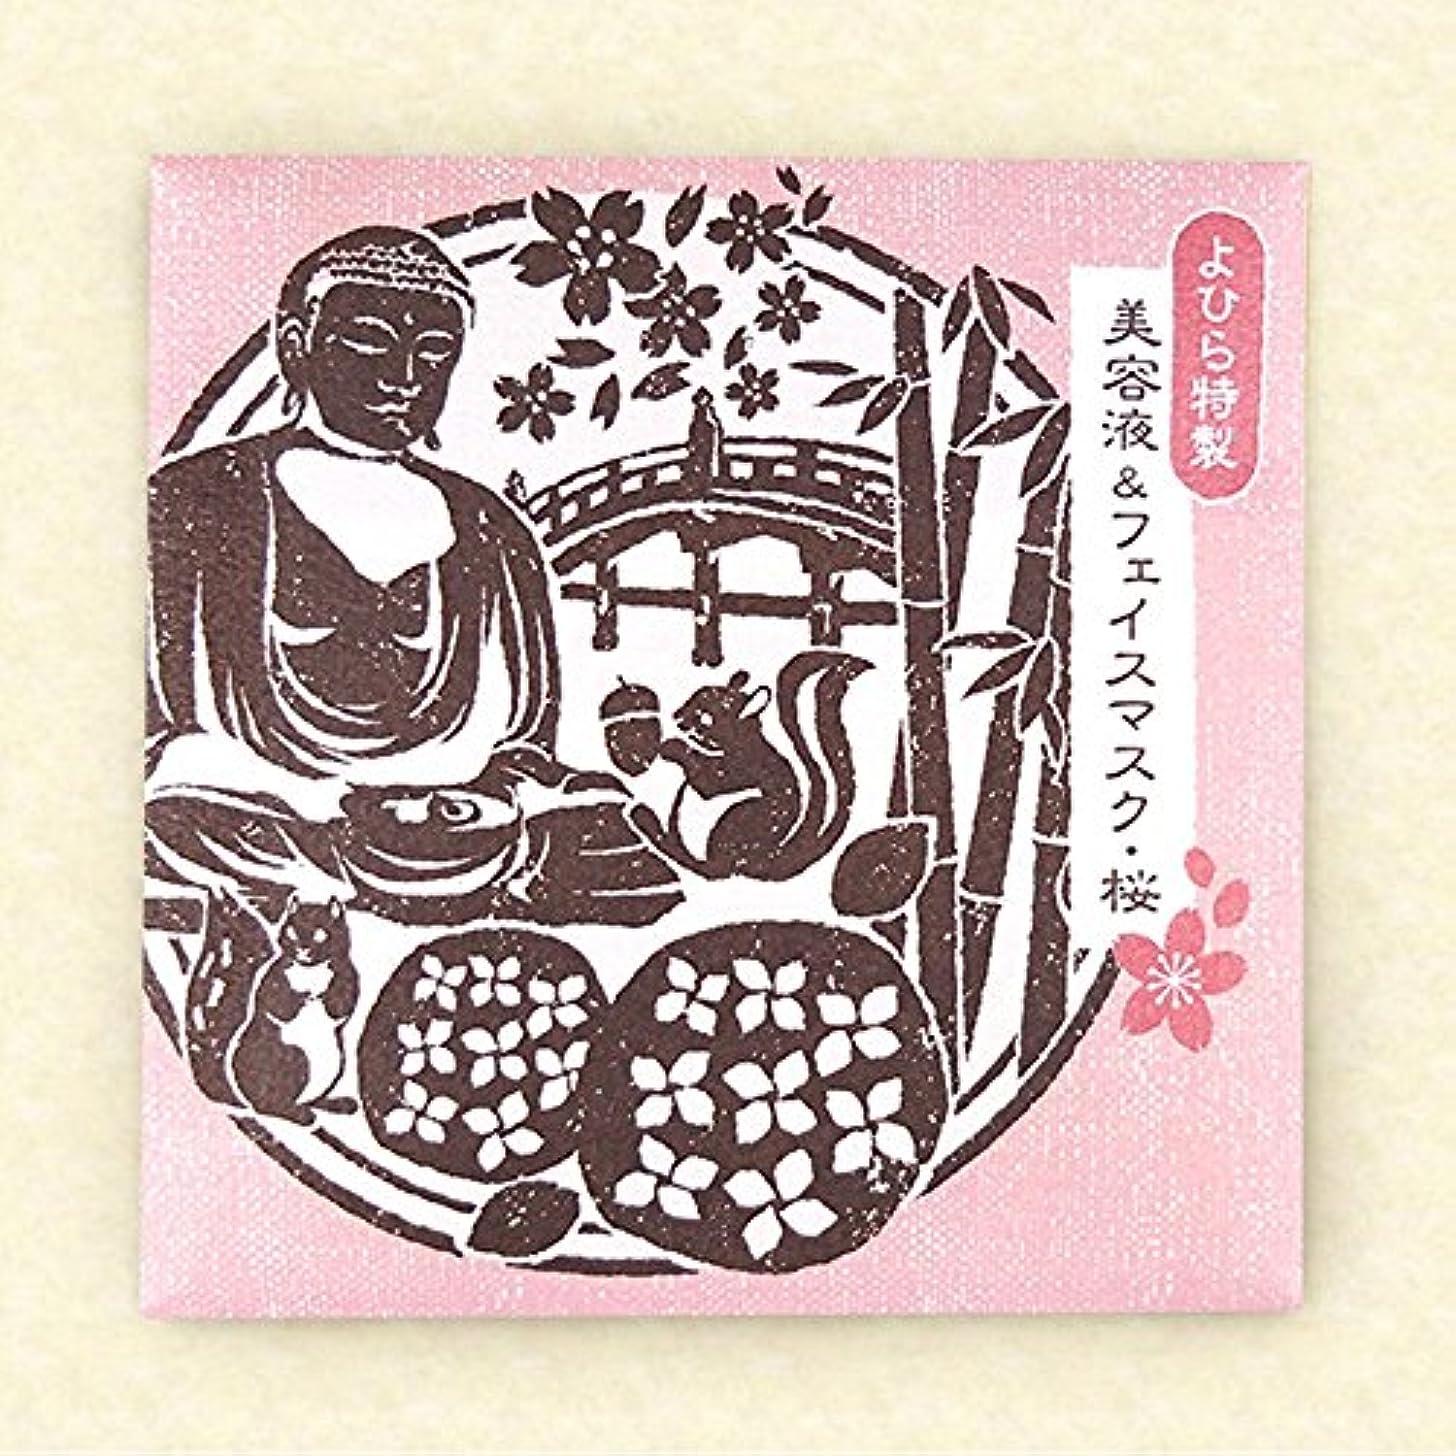 引き潮座標味付け木版「長谷」 桜の美容液&浸透シートマスク